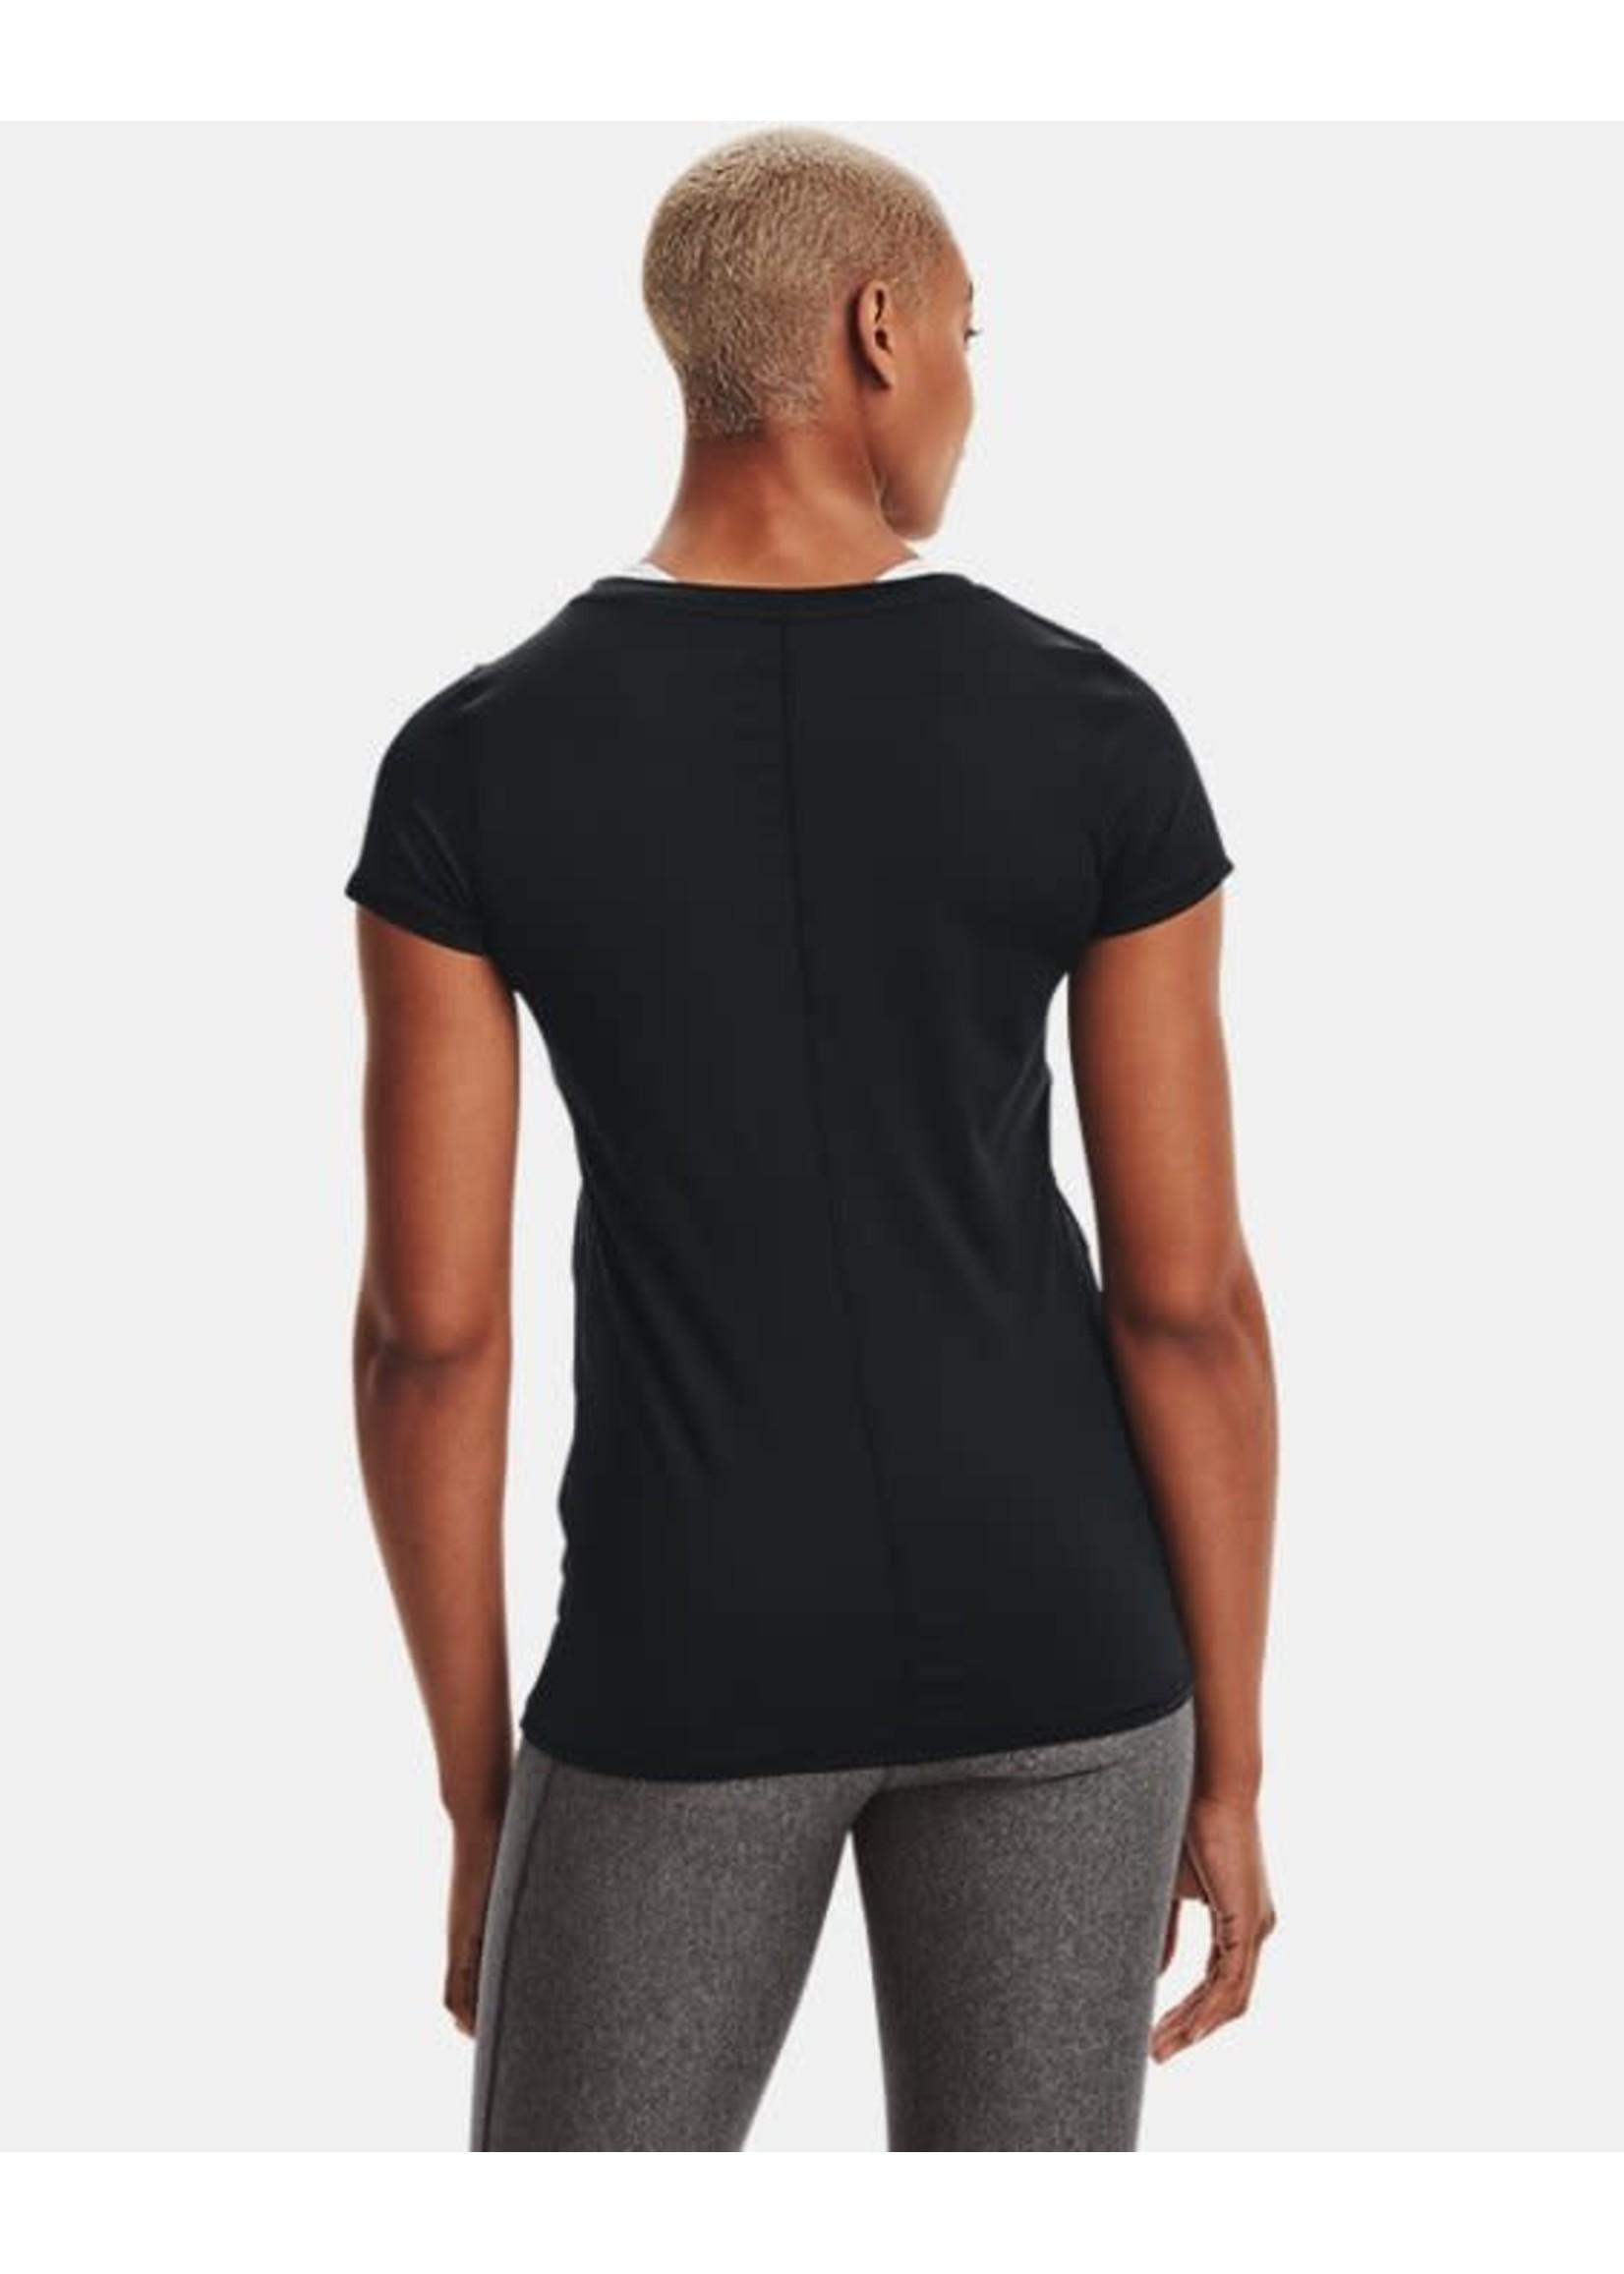 UNDER ARMOUR T-shirt HeatGear Armour